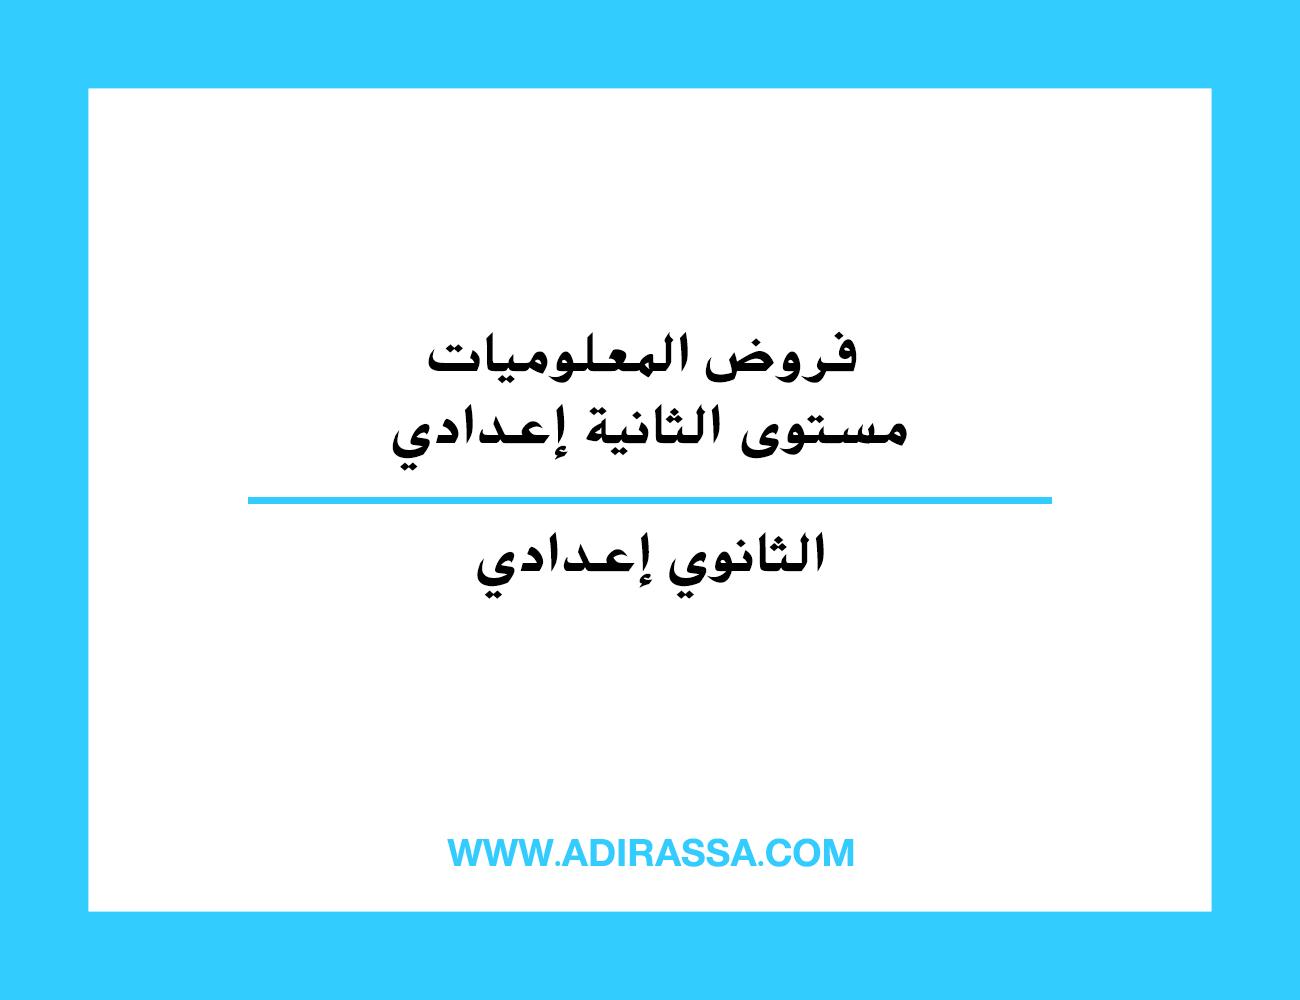 فروض المعلوميات مستوى الثانية إعدادي المقررة في المدرسة المغربية